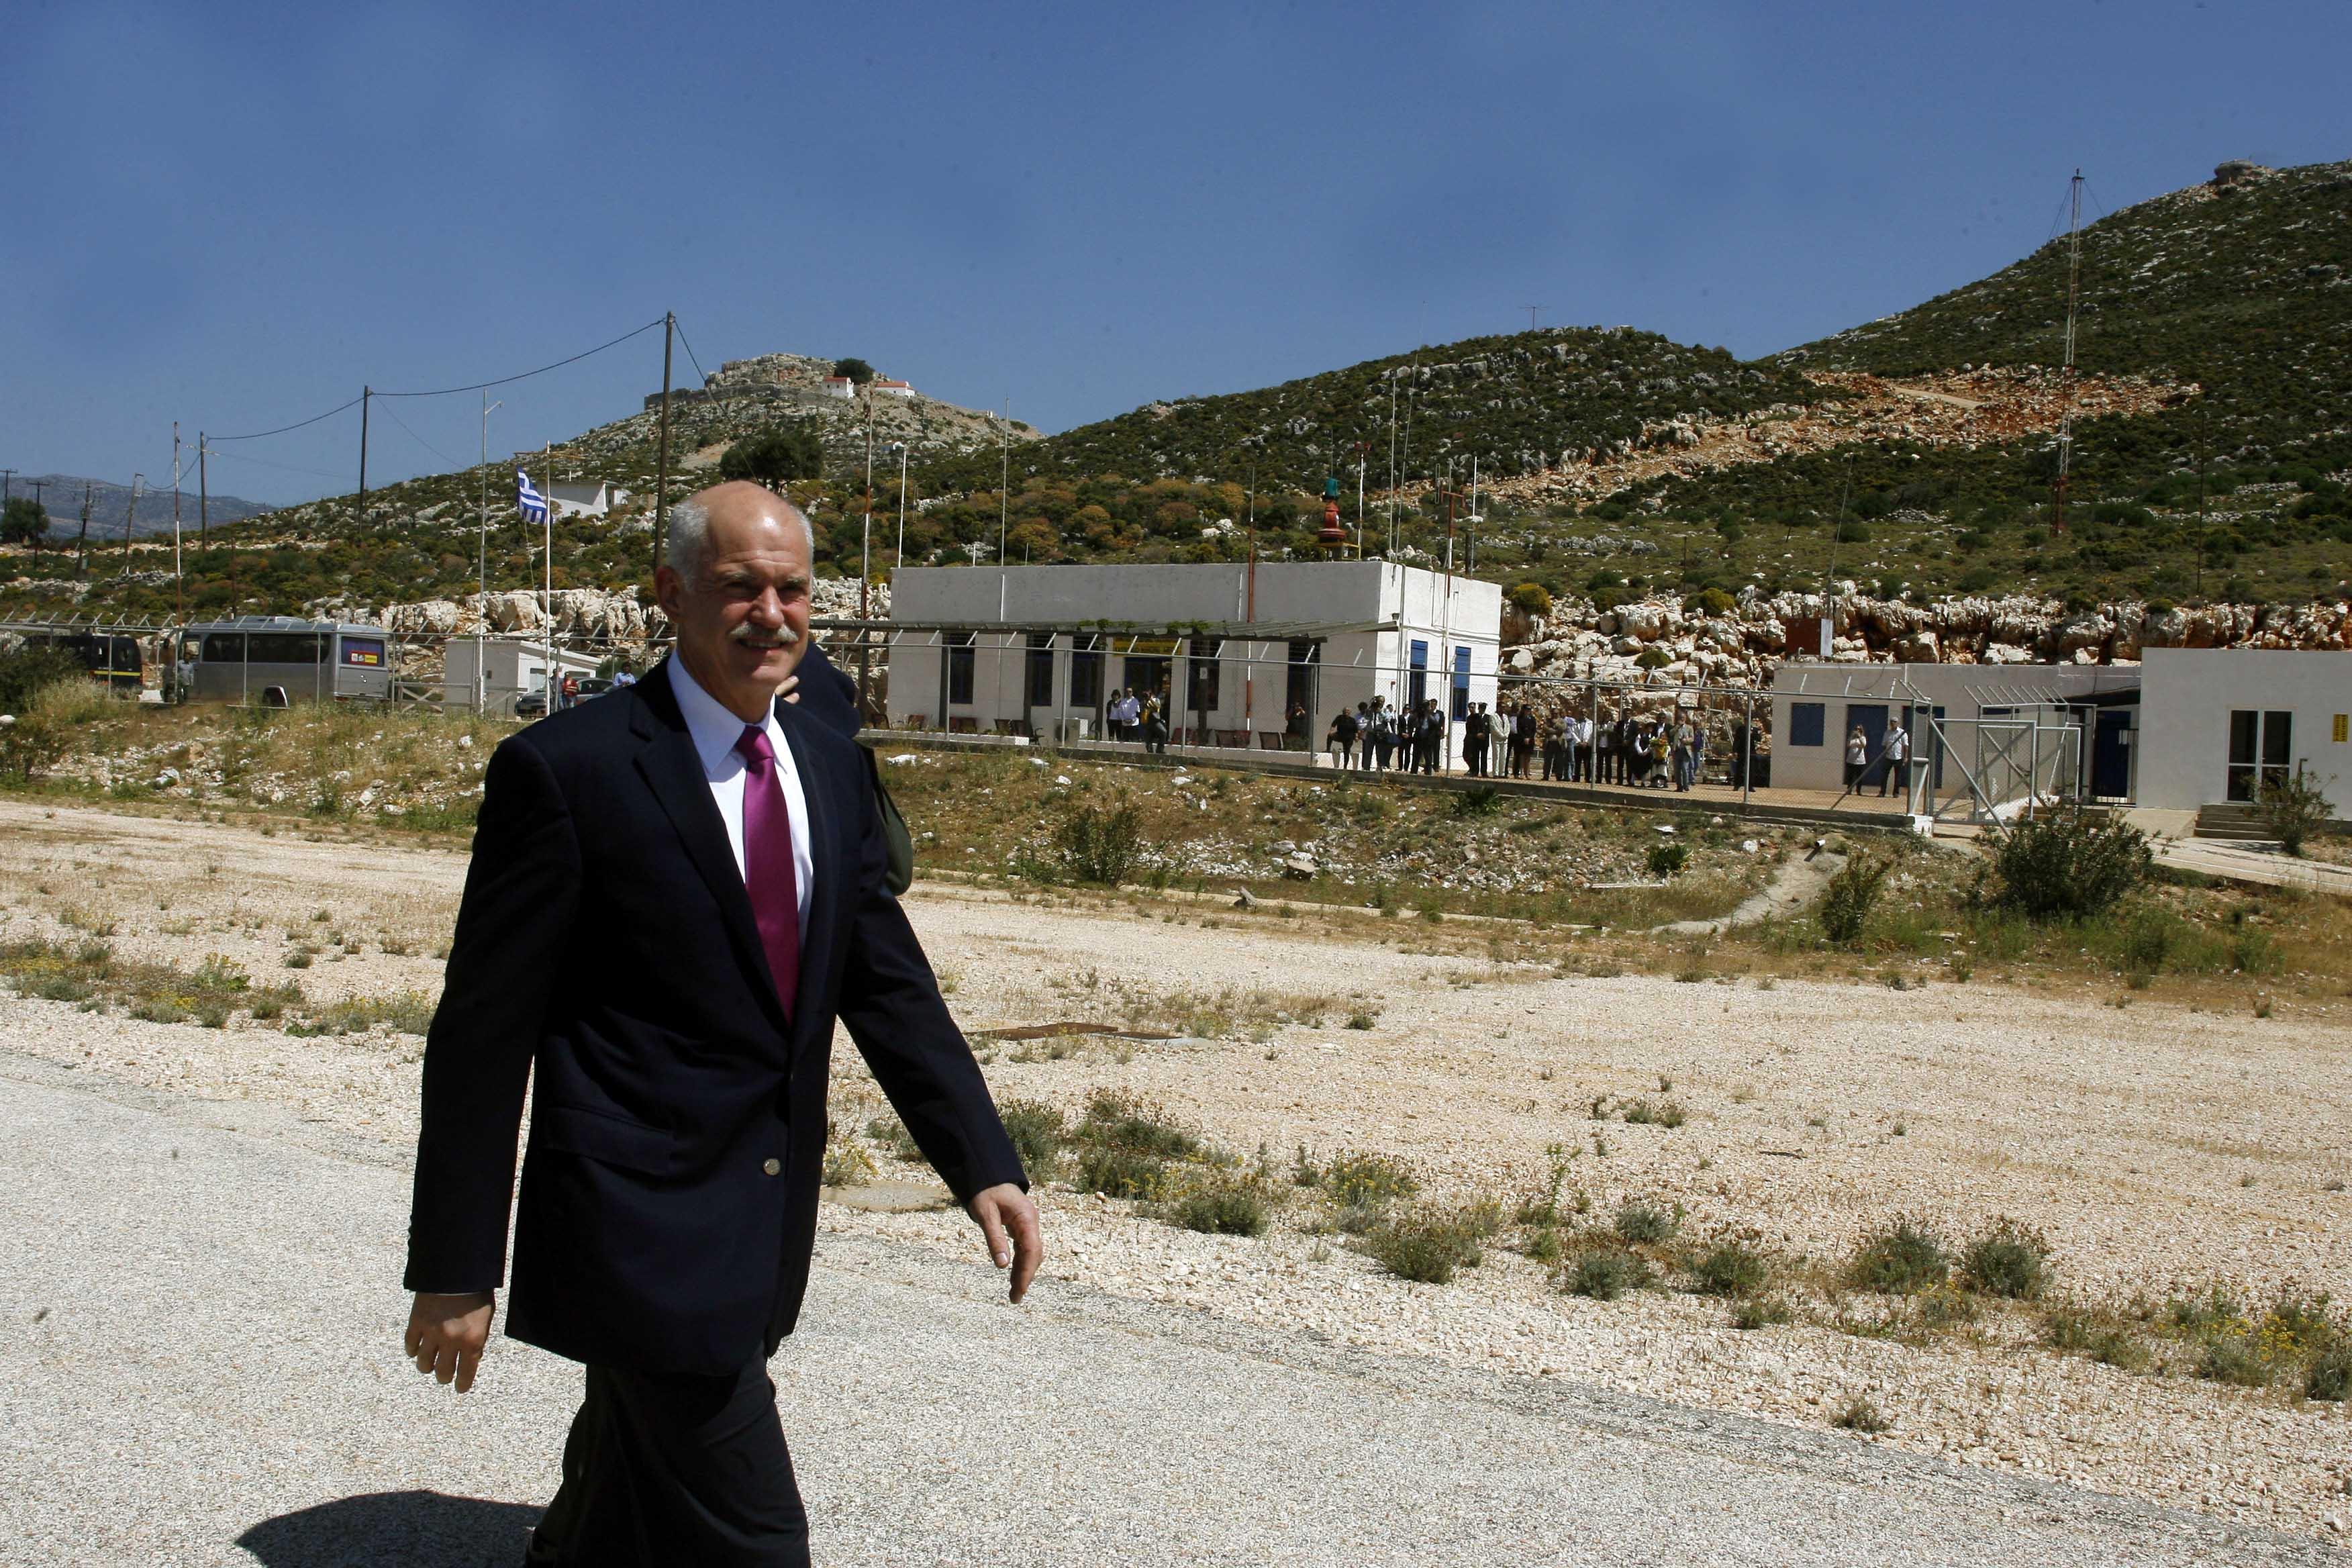 23 Απριλίου 2010: Ο τότε πρωθυπουργός Γιώργος Παπανδρέου στους δρόμους του Καστελόριζου